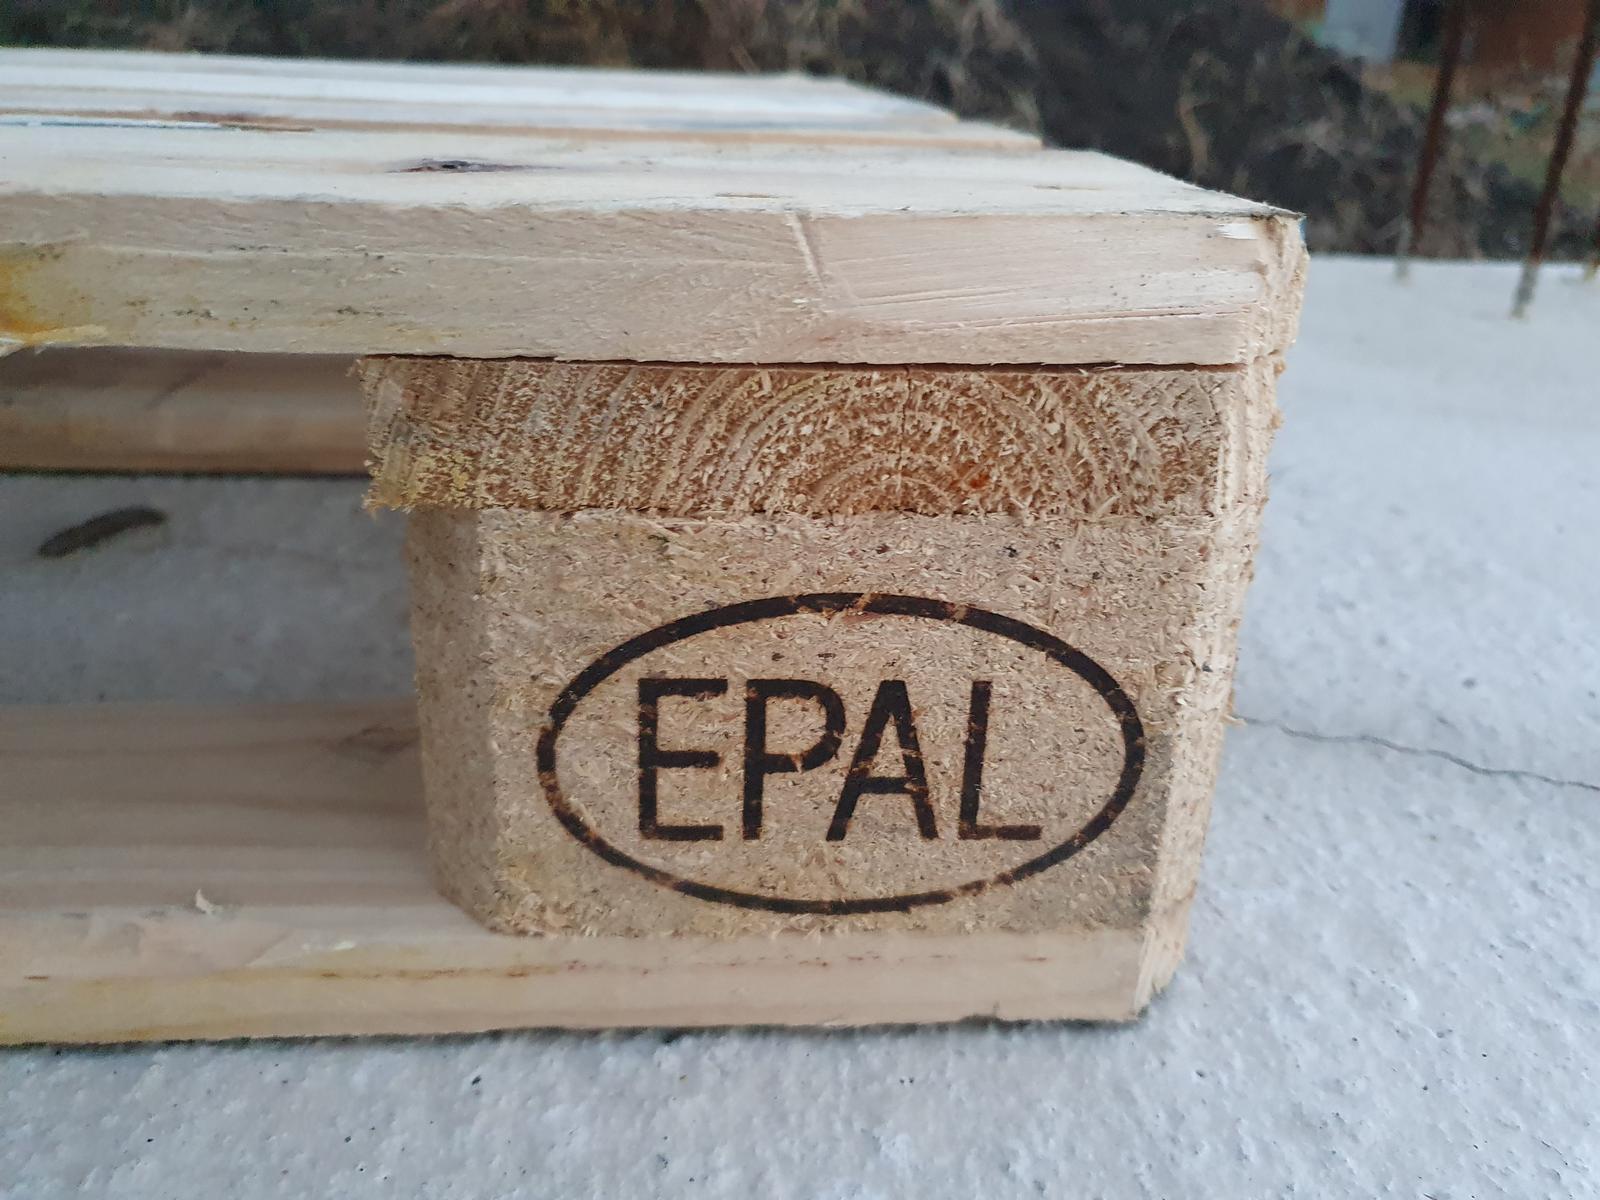 Europalet a palety - Obrázok č. 1